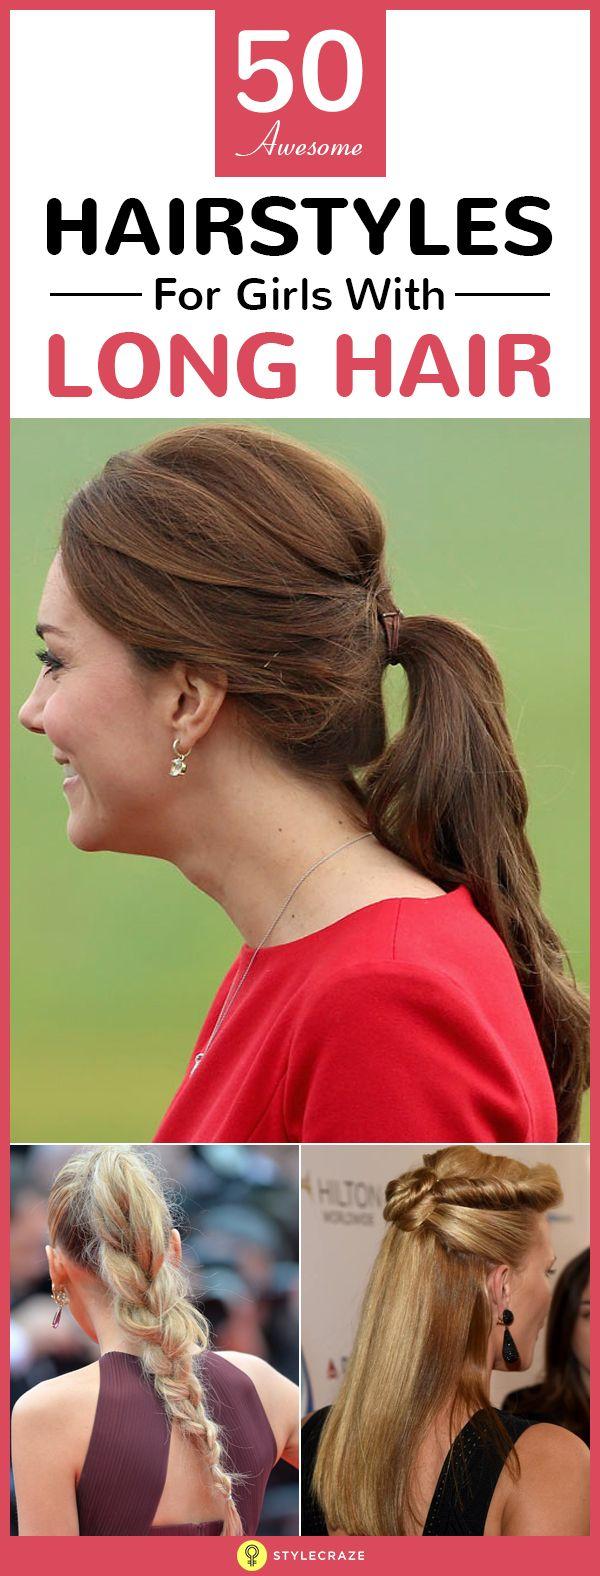 50 Coiffures impressionnantes pour les filles avec les cheveux longs